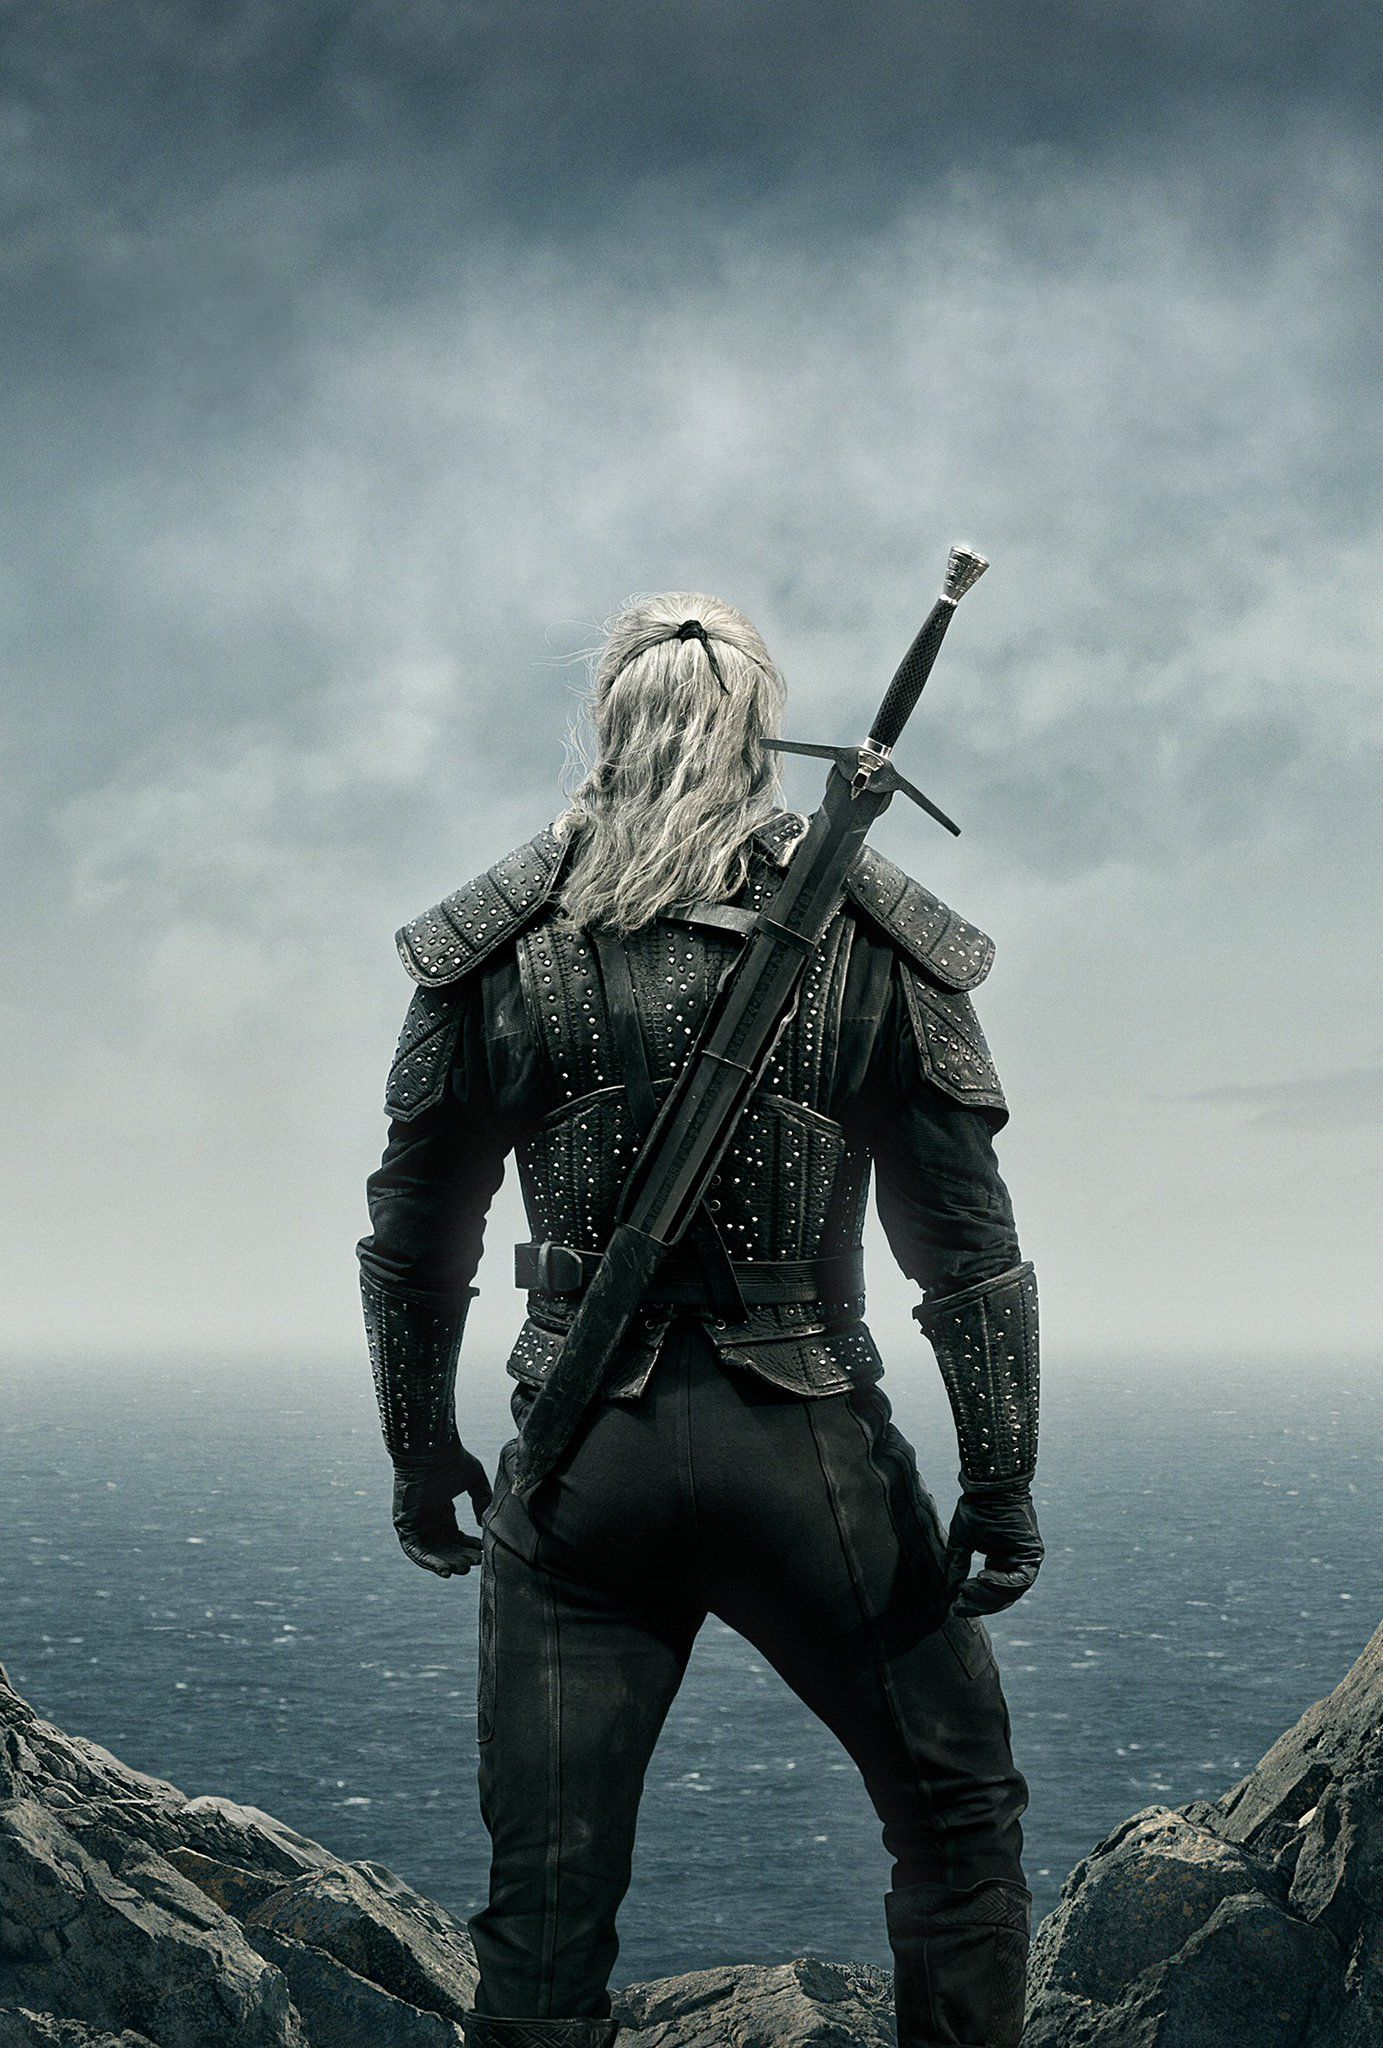 The Witcher Thewitcher The Witcher Geralt The Witcher Witcher Art